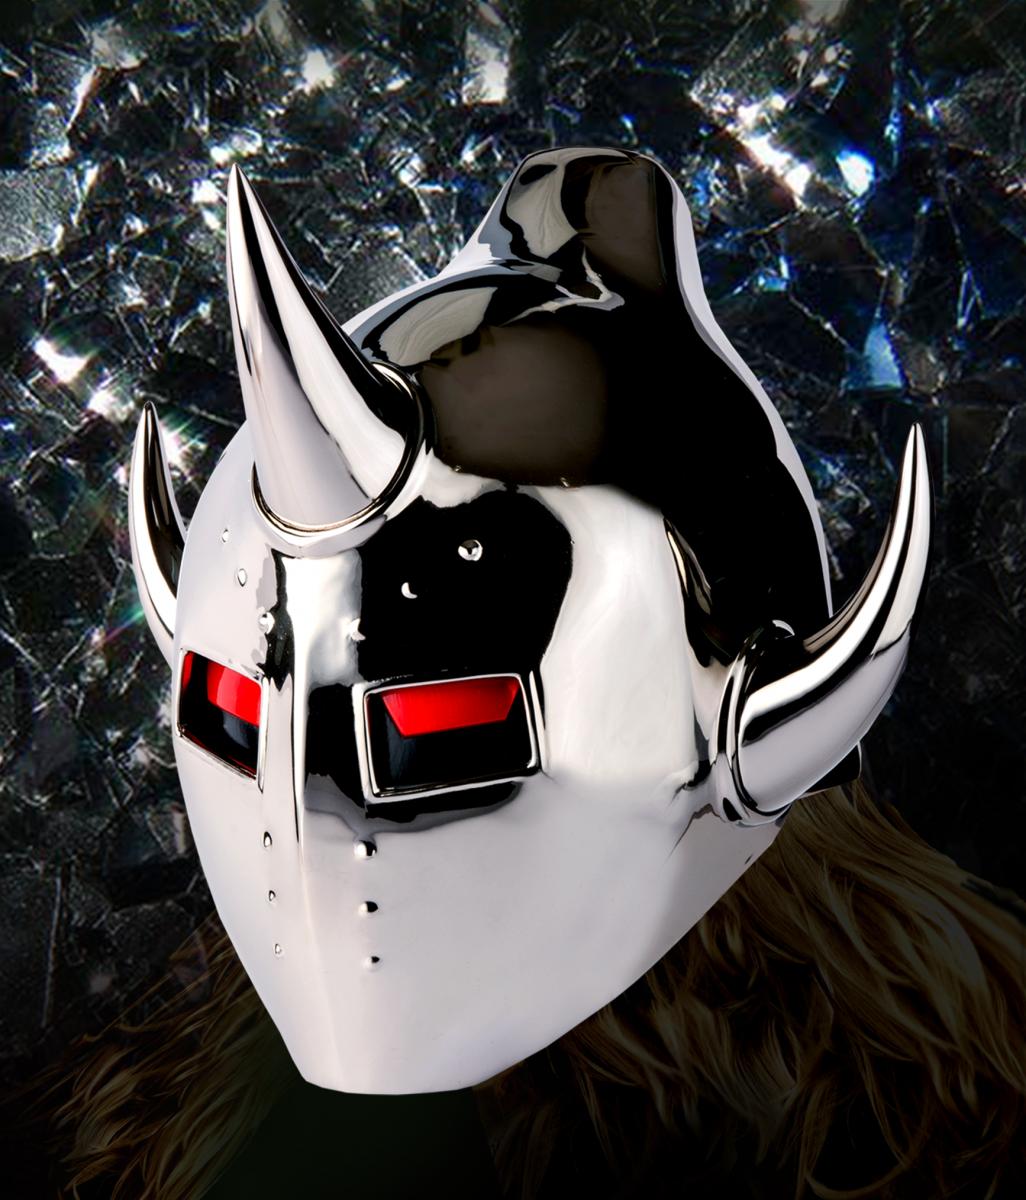 キン肉マン40周年特別企画として、原作の再現に挑んだ「悪魔将軍のマスク」